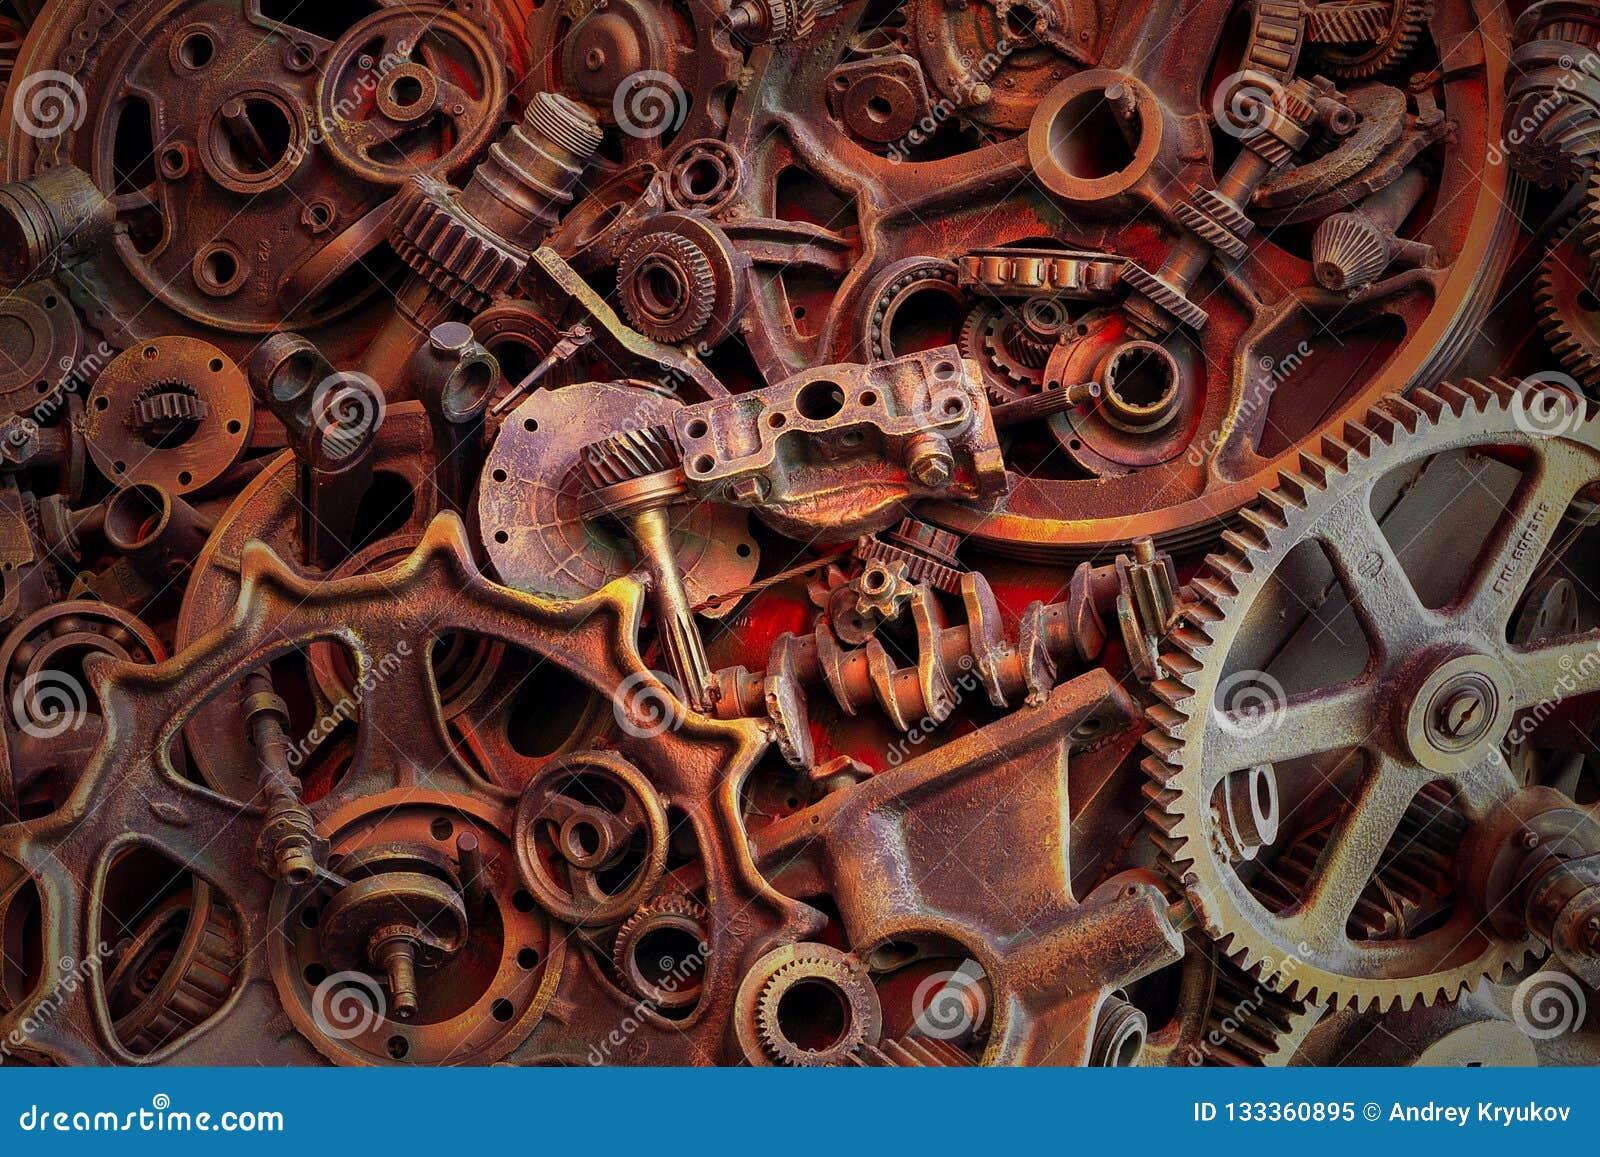 Steampunkachtergrond, machine en mechanische gedeelten, grote toestellen en kettingen van machines en tractoren